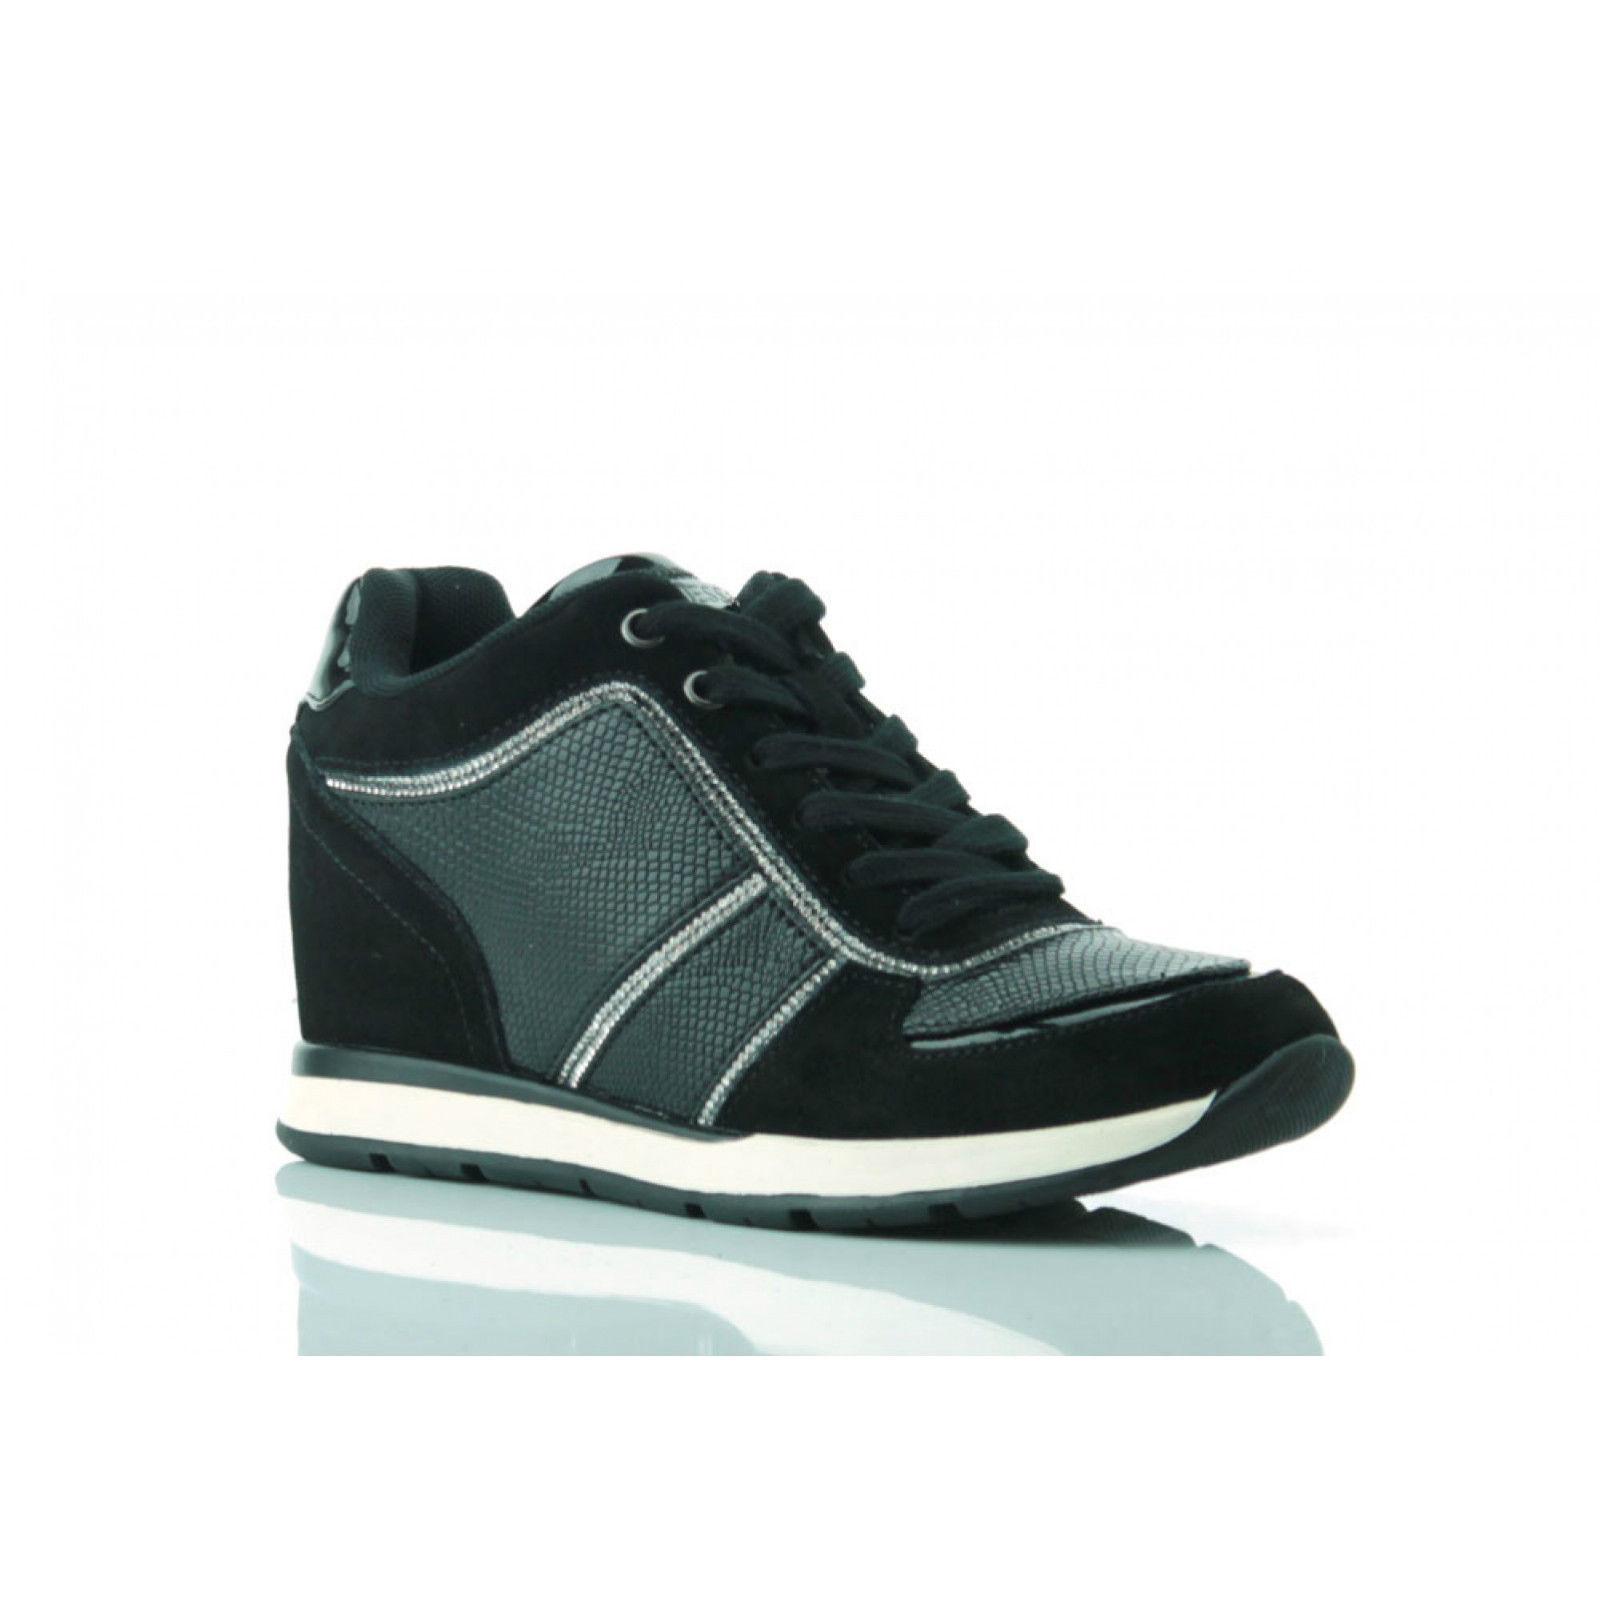 Shoes Donna Pelle Originale Scarpe Guess Ai Sneakers Fllce3sue12 Owq75Y7